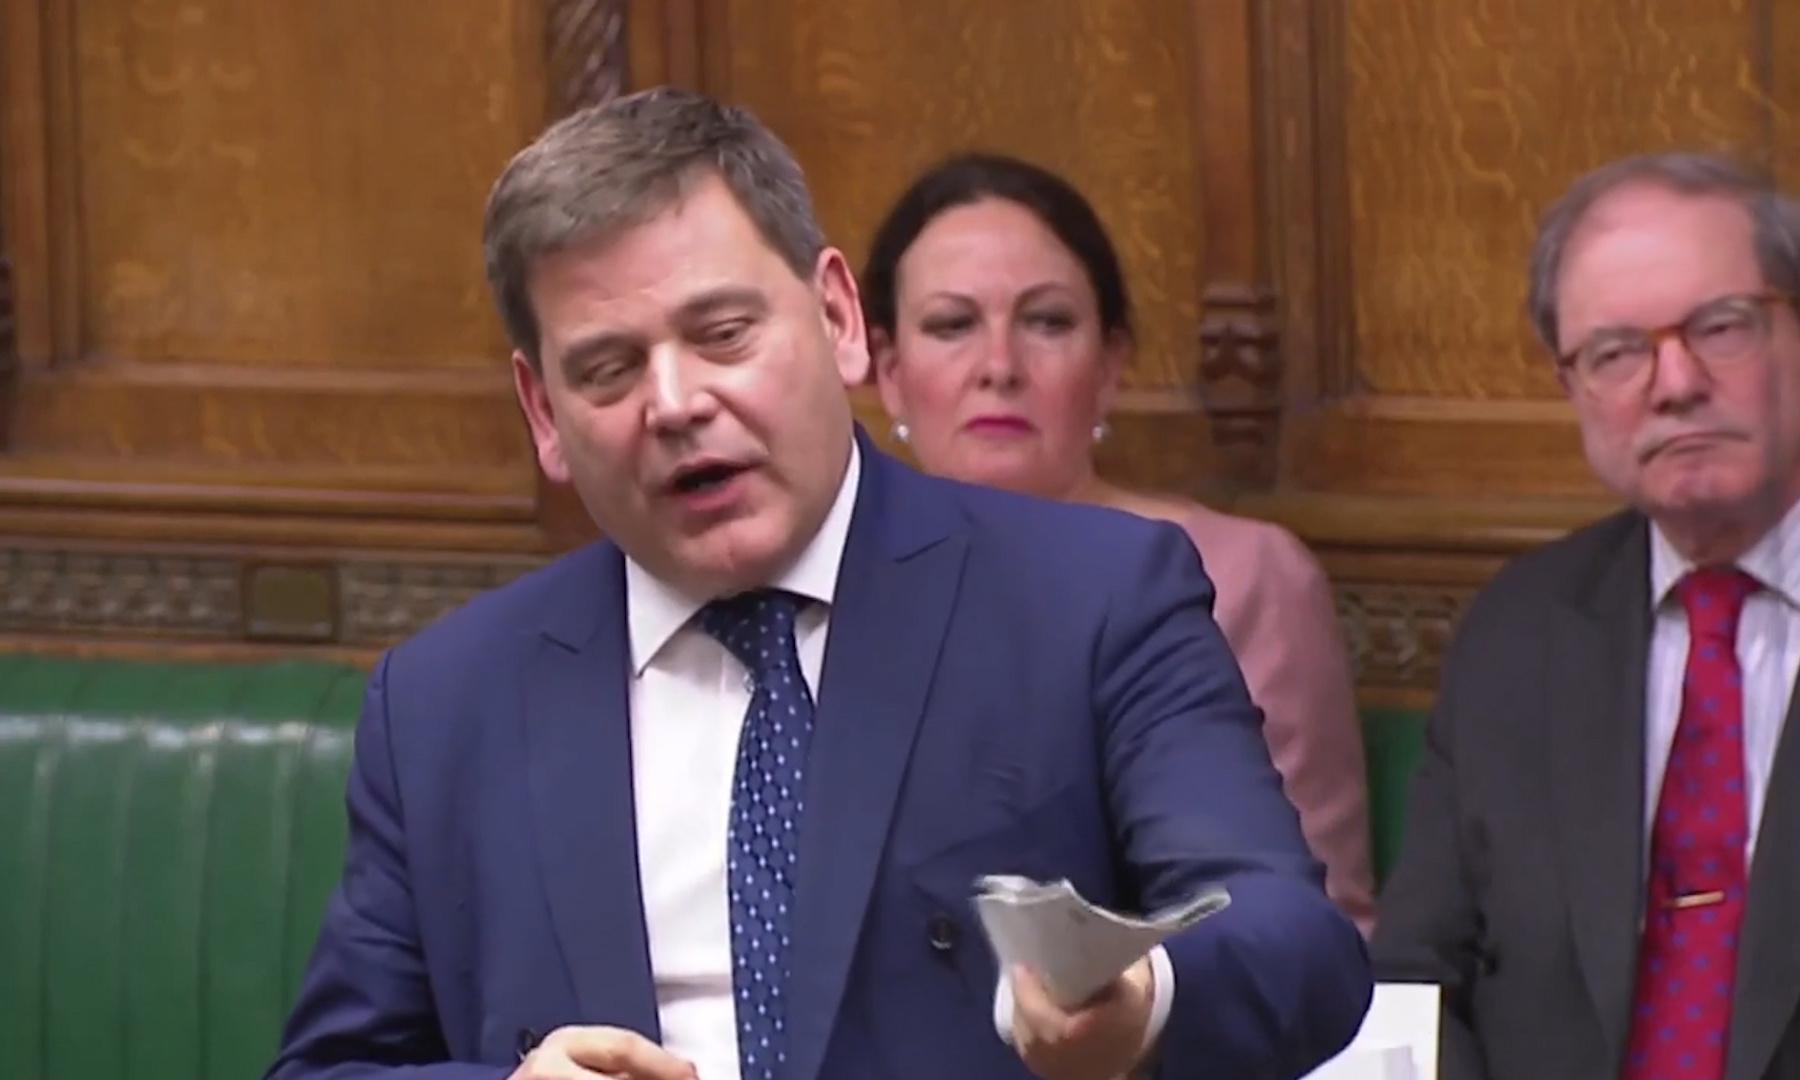 Brexit: Rudd, Clark and Gauke should resign, says Andrew Bridgen